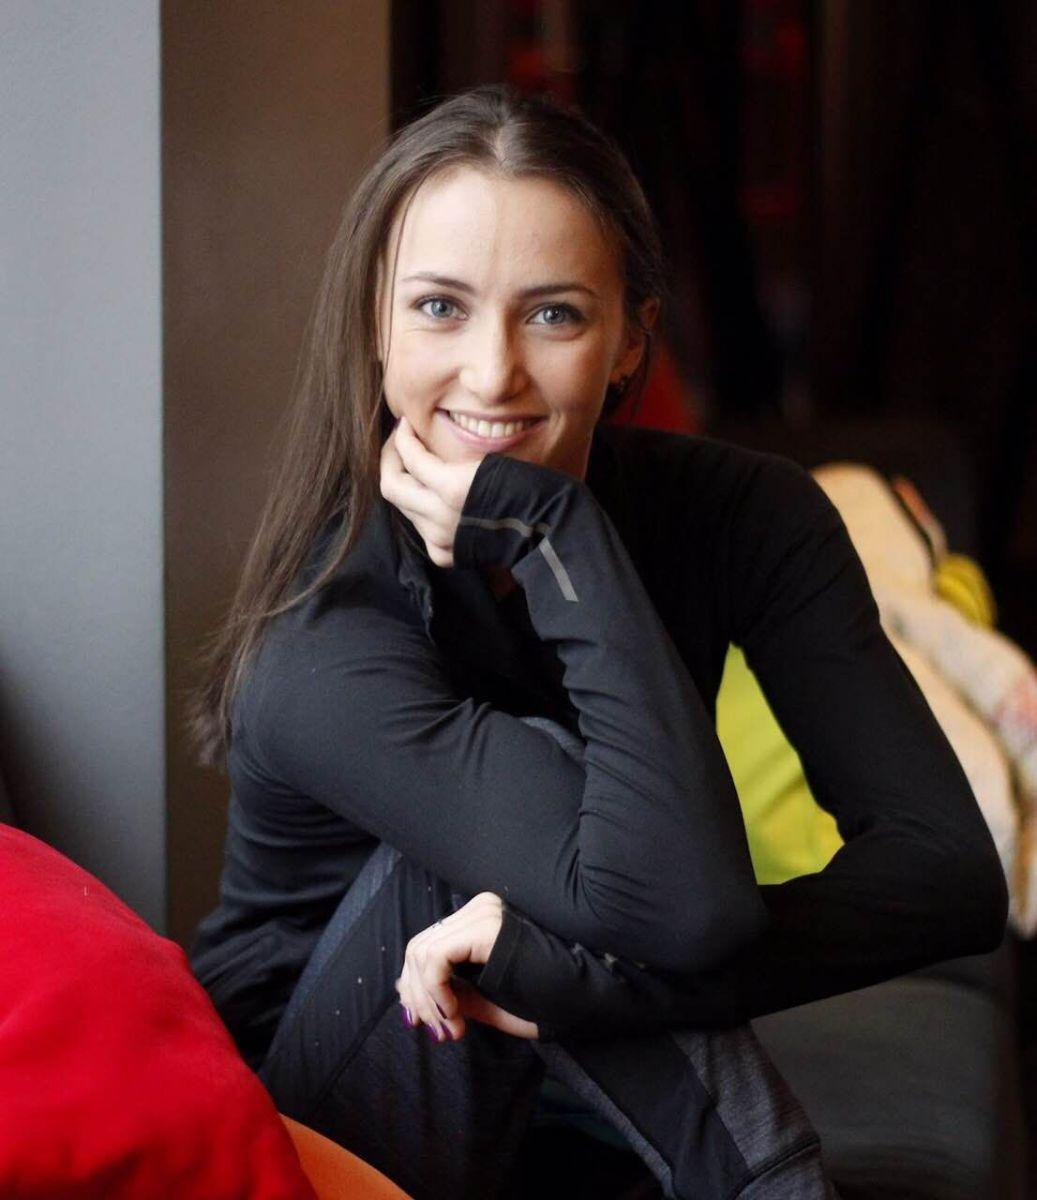 украинская гимнастка Анна Ризатдинова делится секретами красоты фото 2016